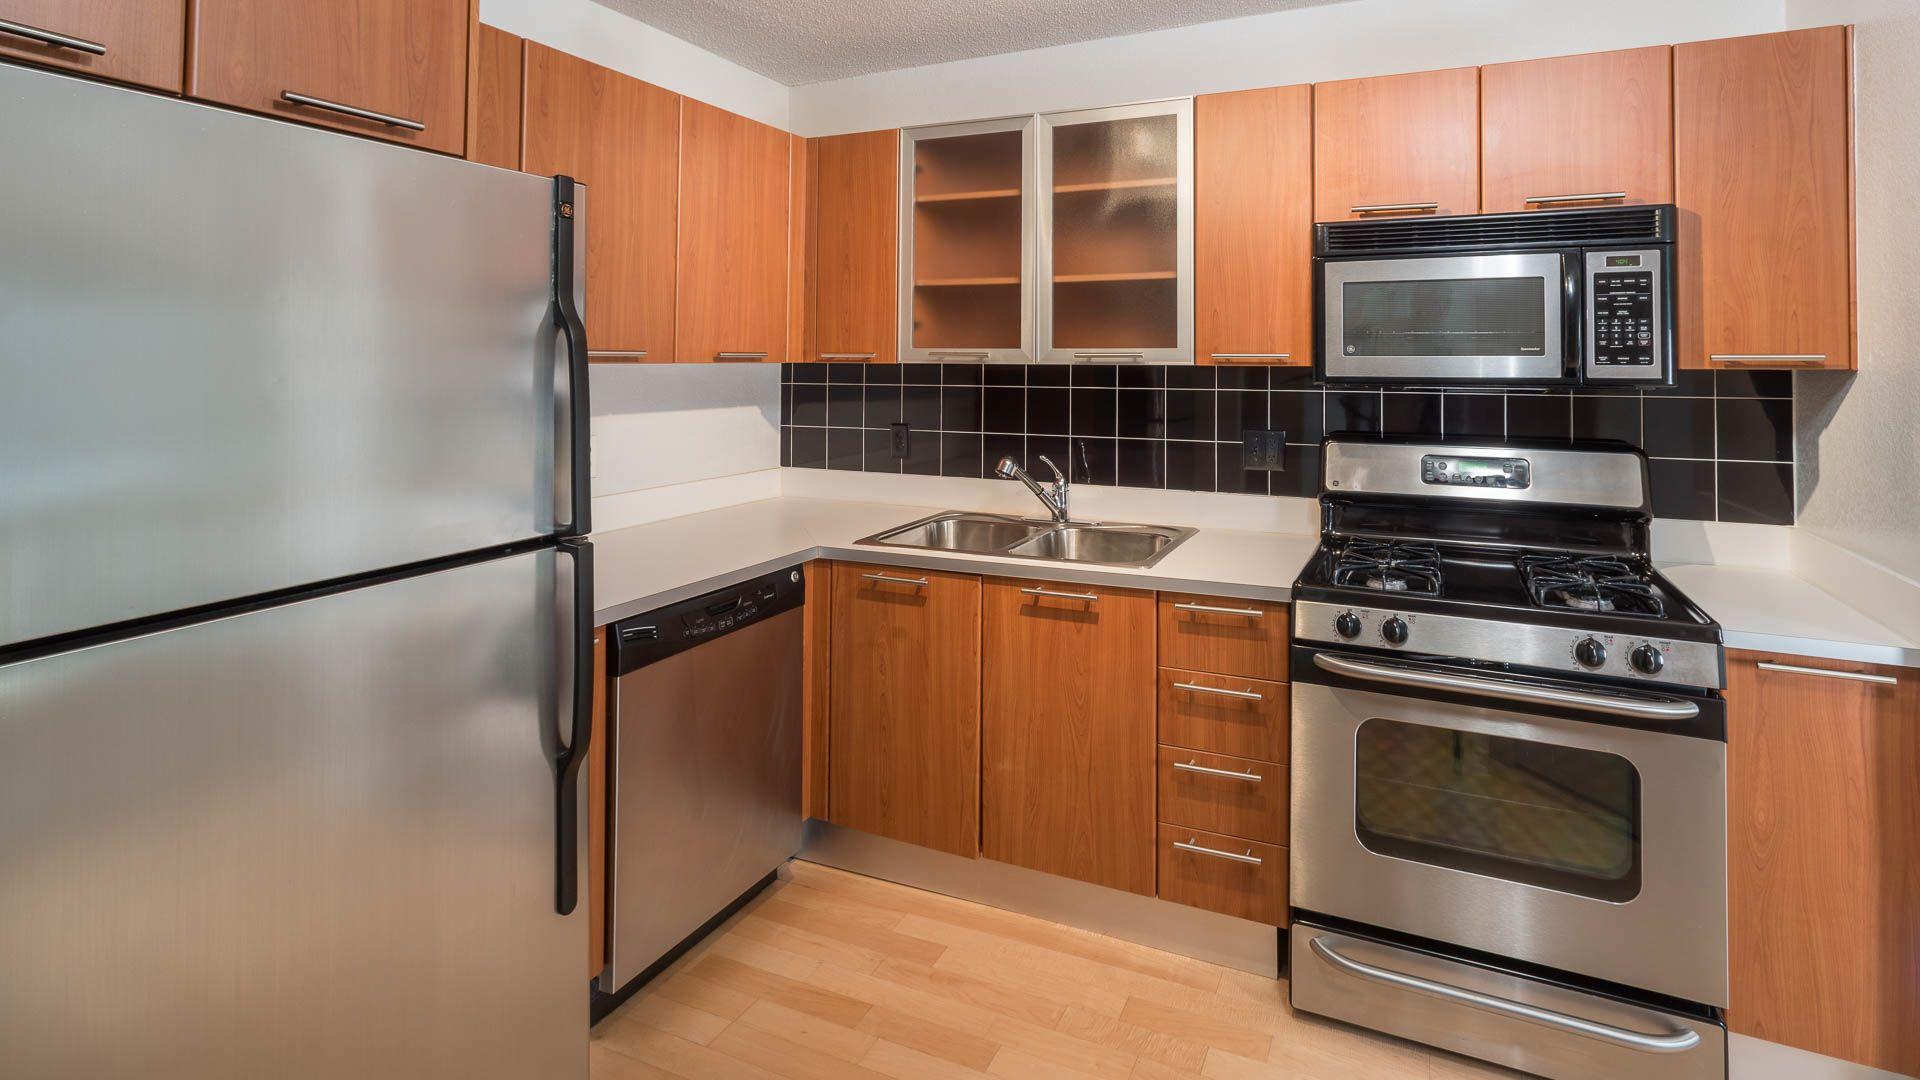 The Flats at Dupont Circle Apartments - Kitchen